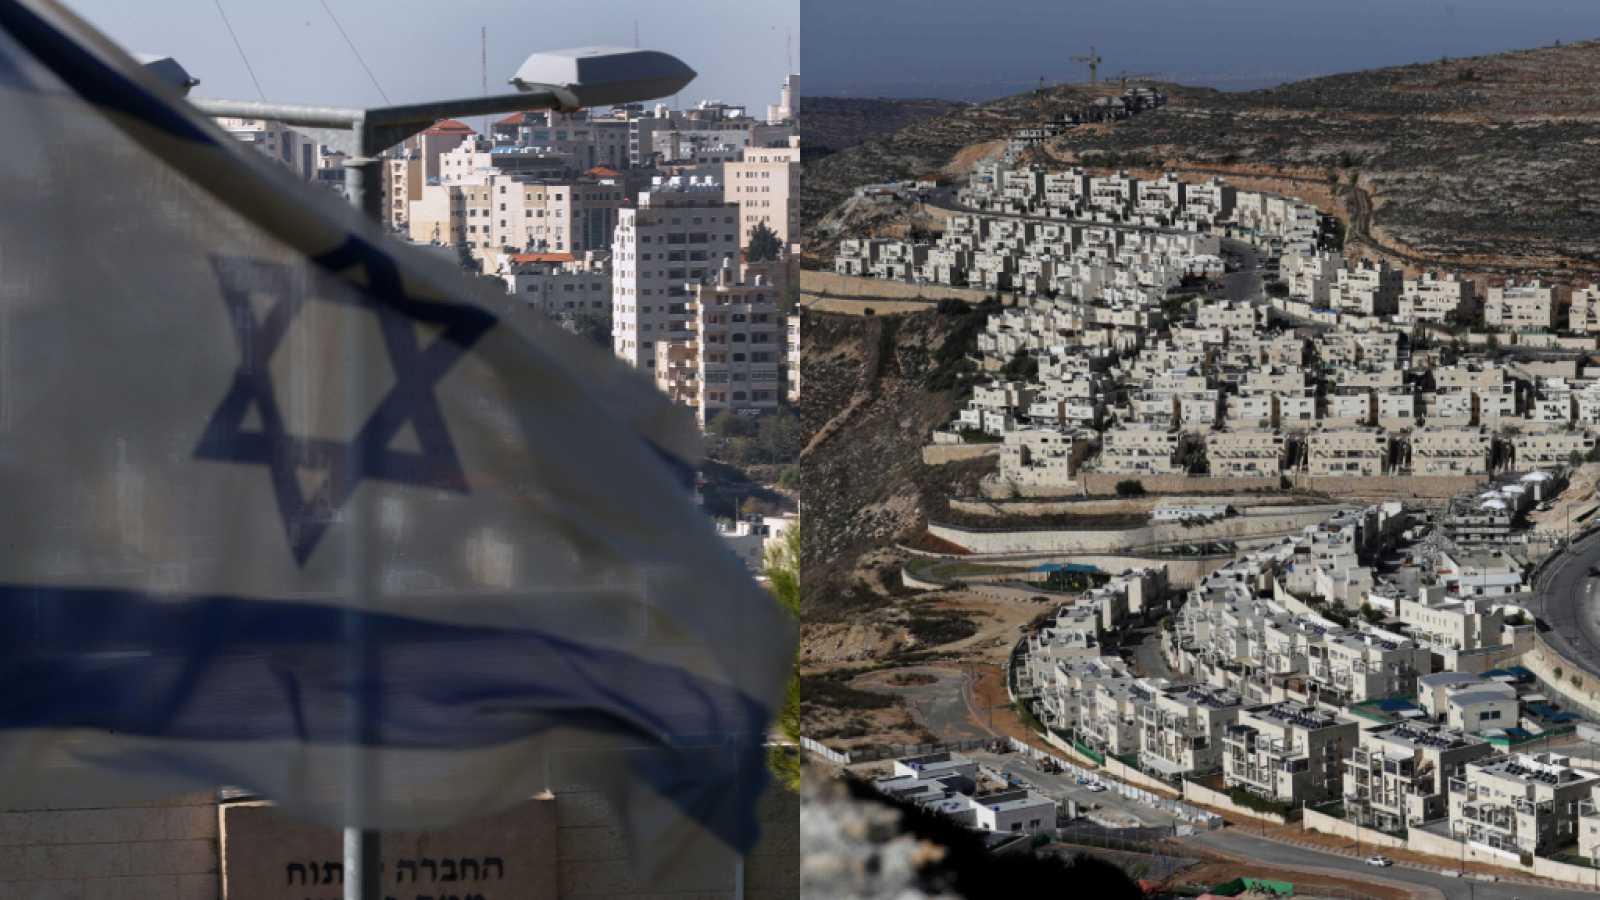 ¿Asentamientos ilegales?